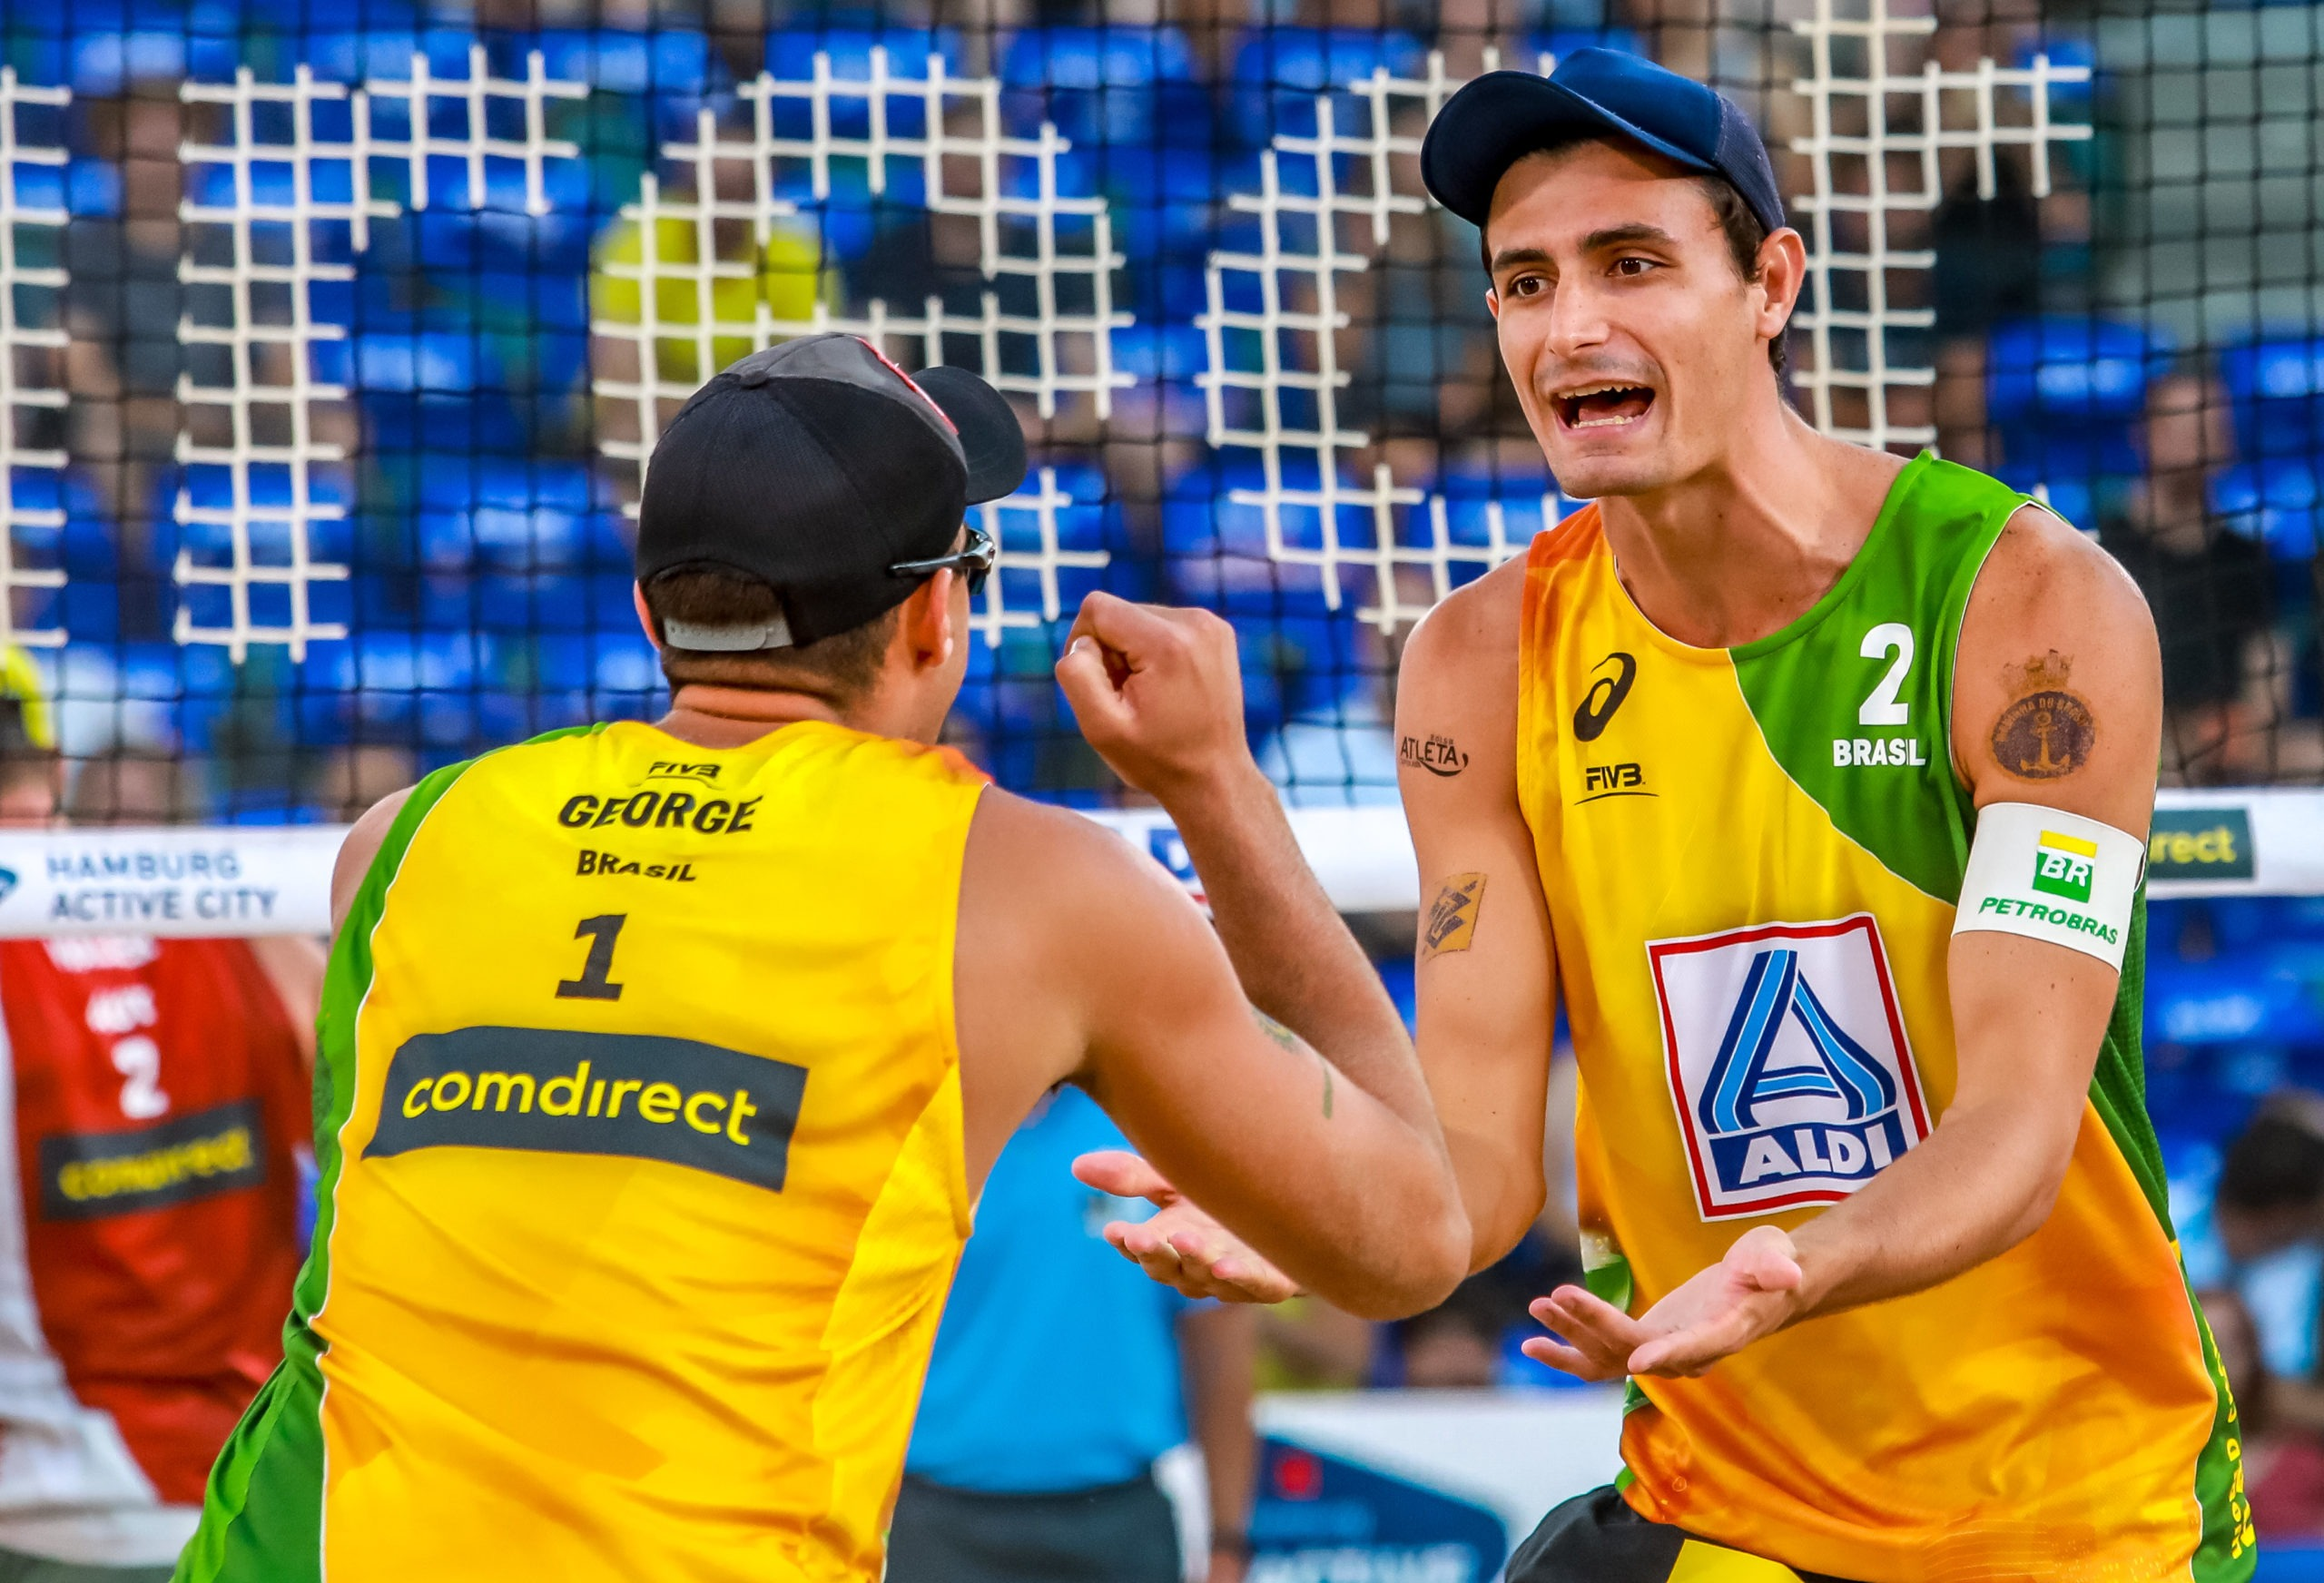 Evandro/Bruno Schmidt e André Stein/George fizeram suas estreias no torneio com vitória e aumentaram para oito triunfos a marca brasileira,